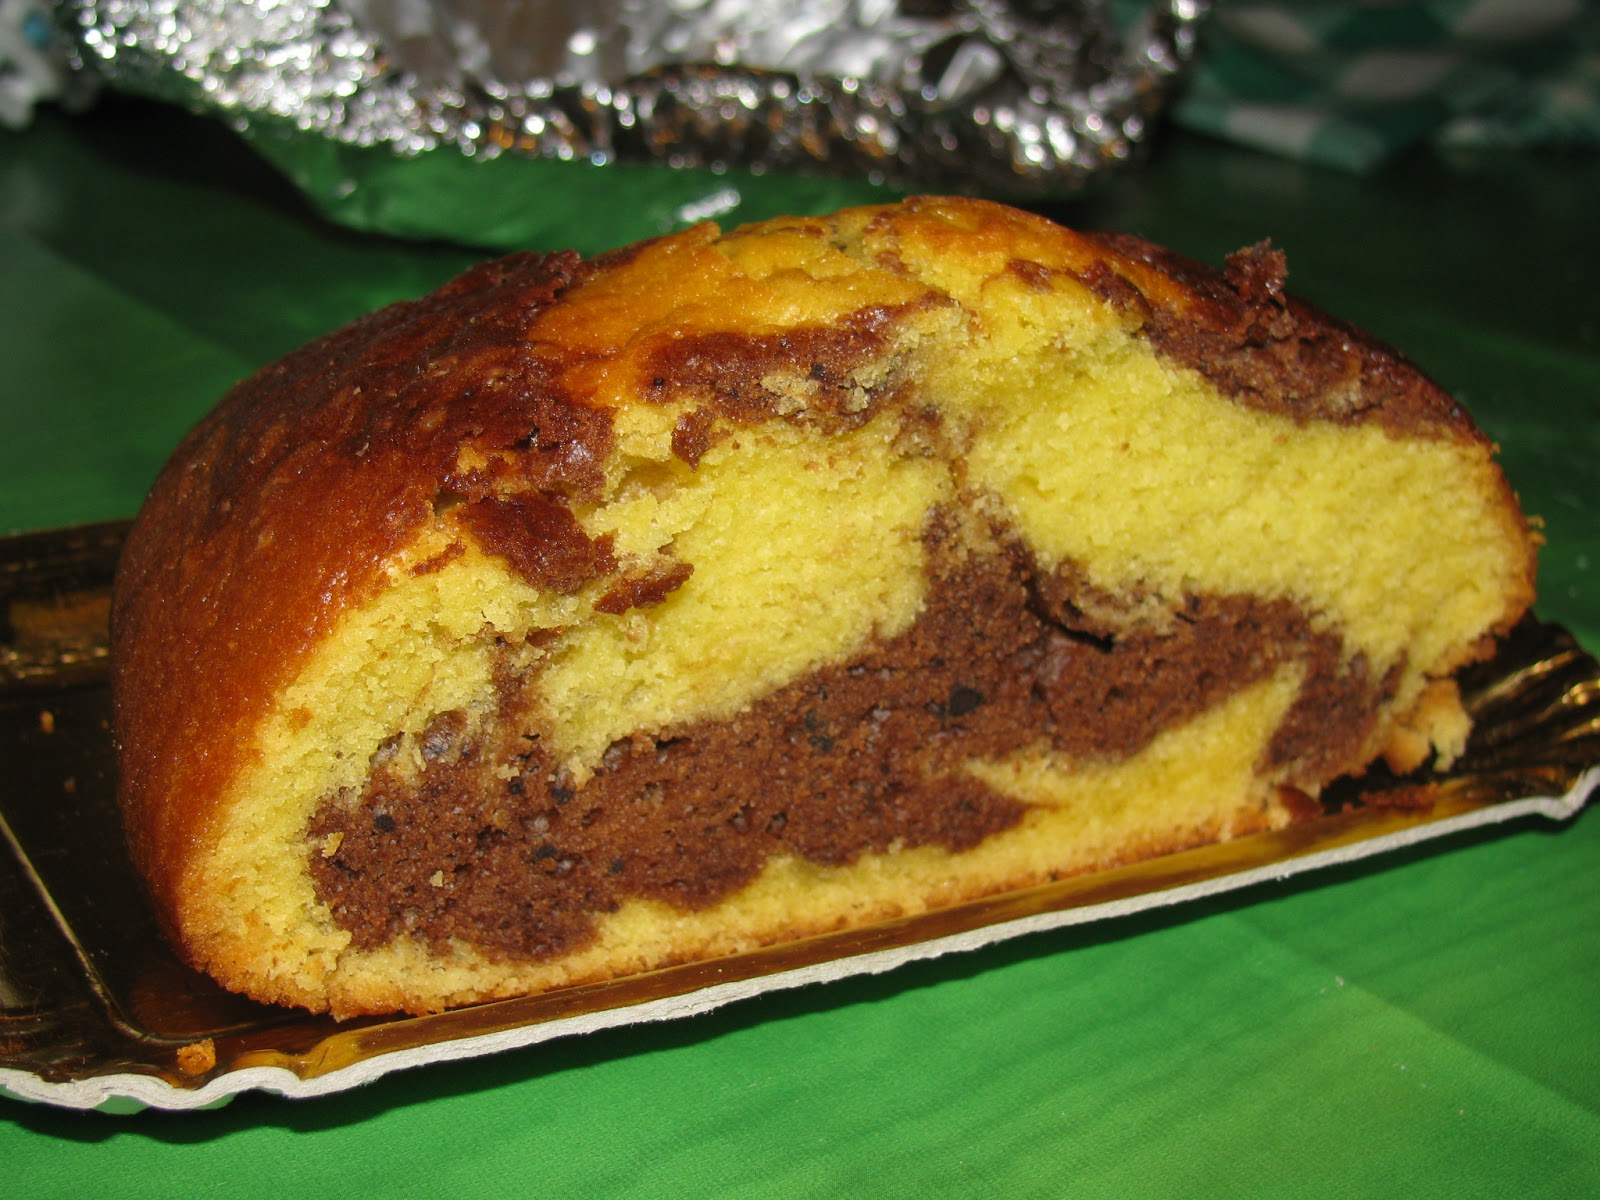 Cucina ... che passione!: Plumecake bicolore